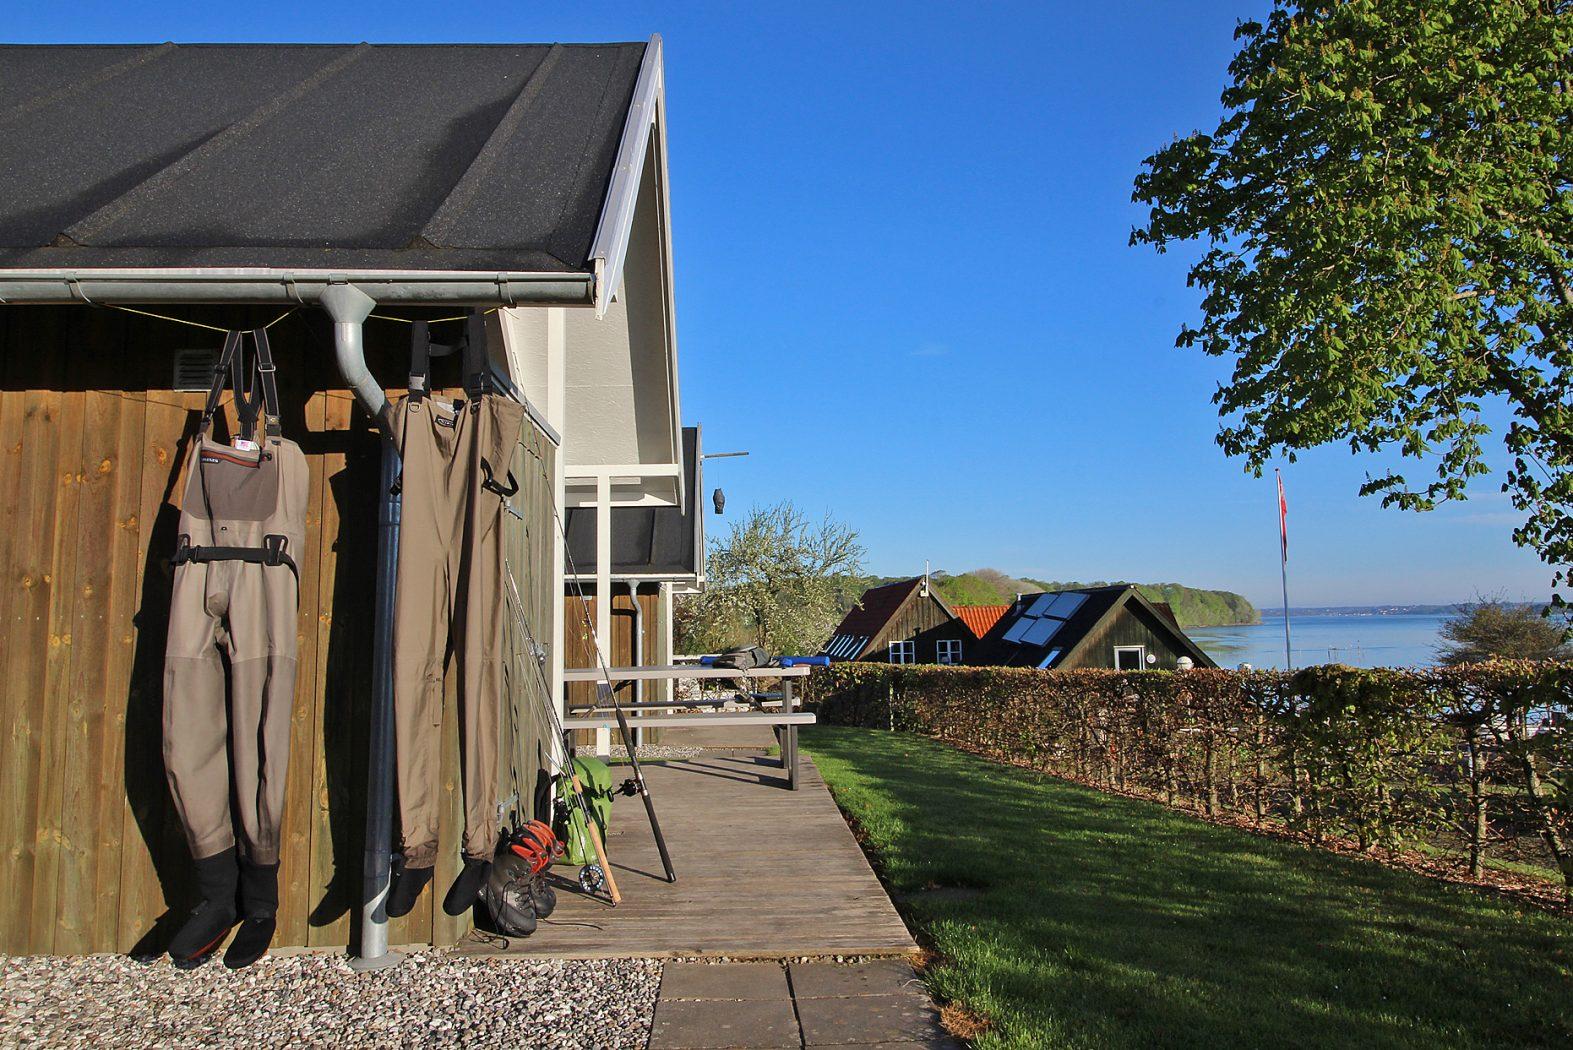 Lillebælt Camping bei Gl. Ålbo